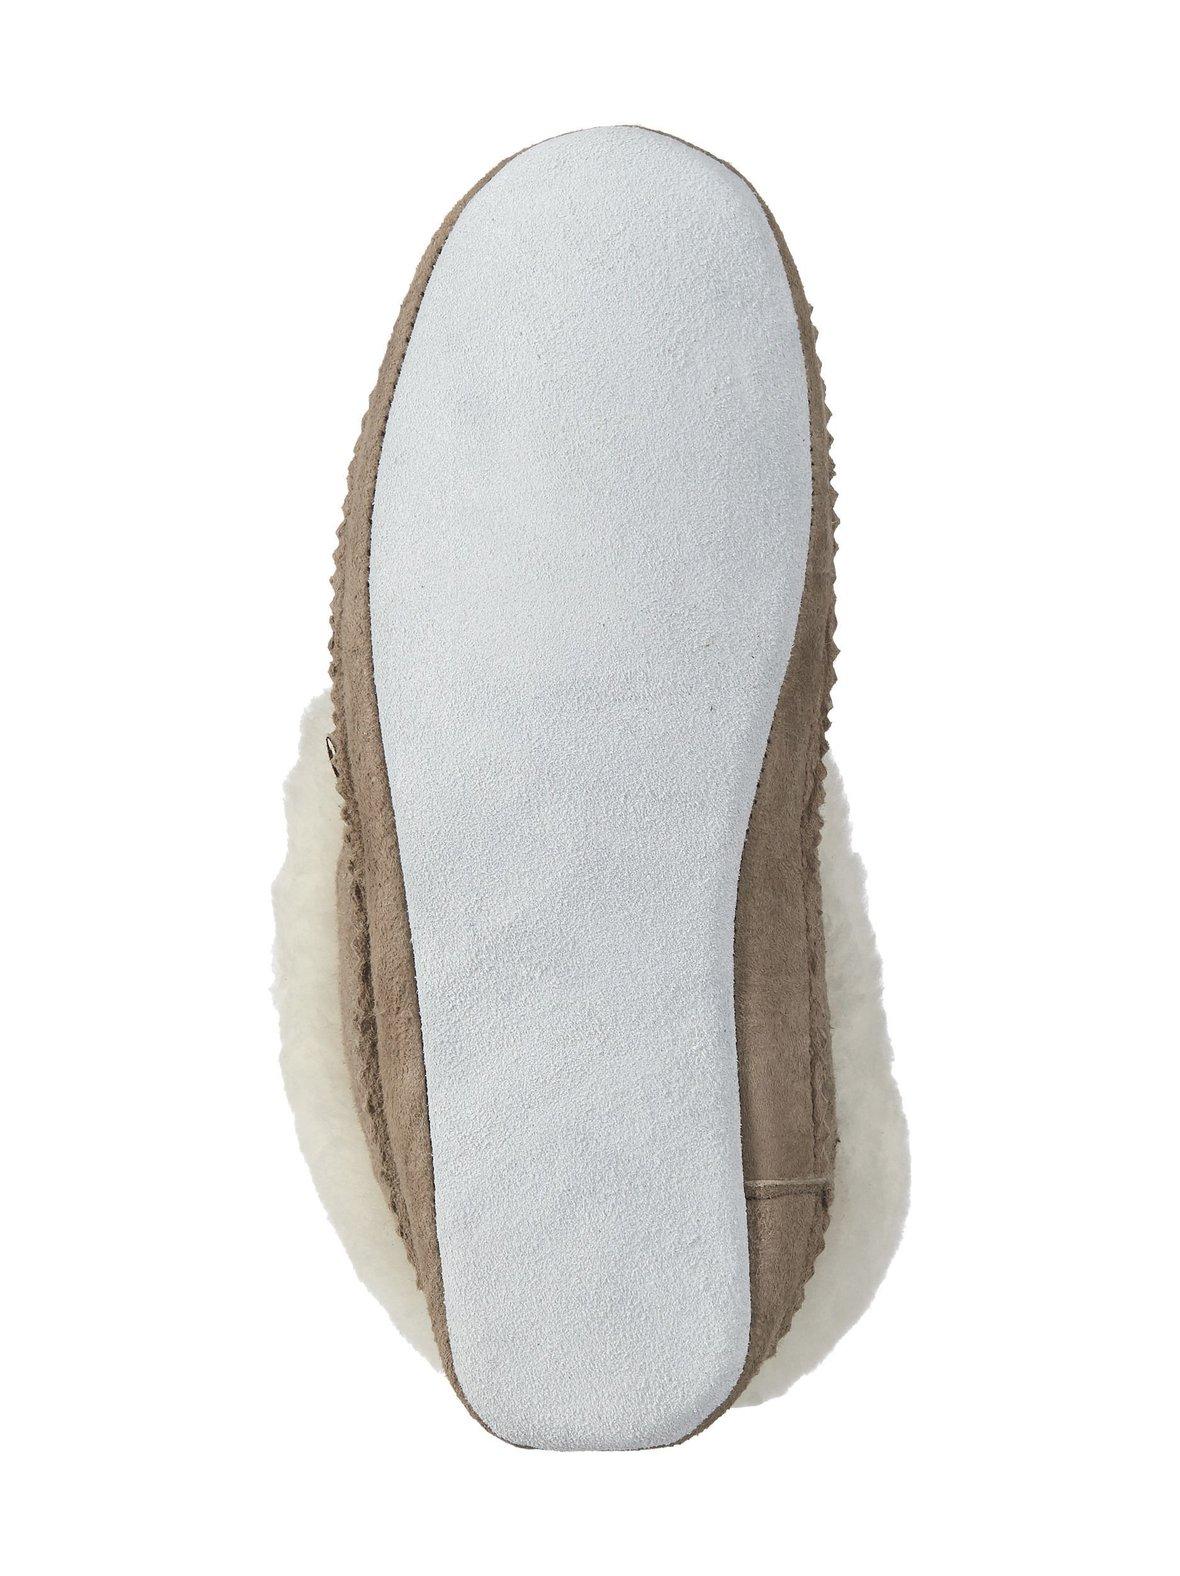 Stone White (harmaa) Shepherd Emmy-tossut 924  2db8105145